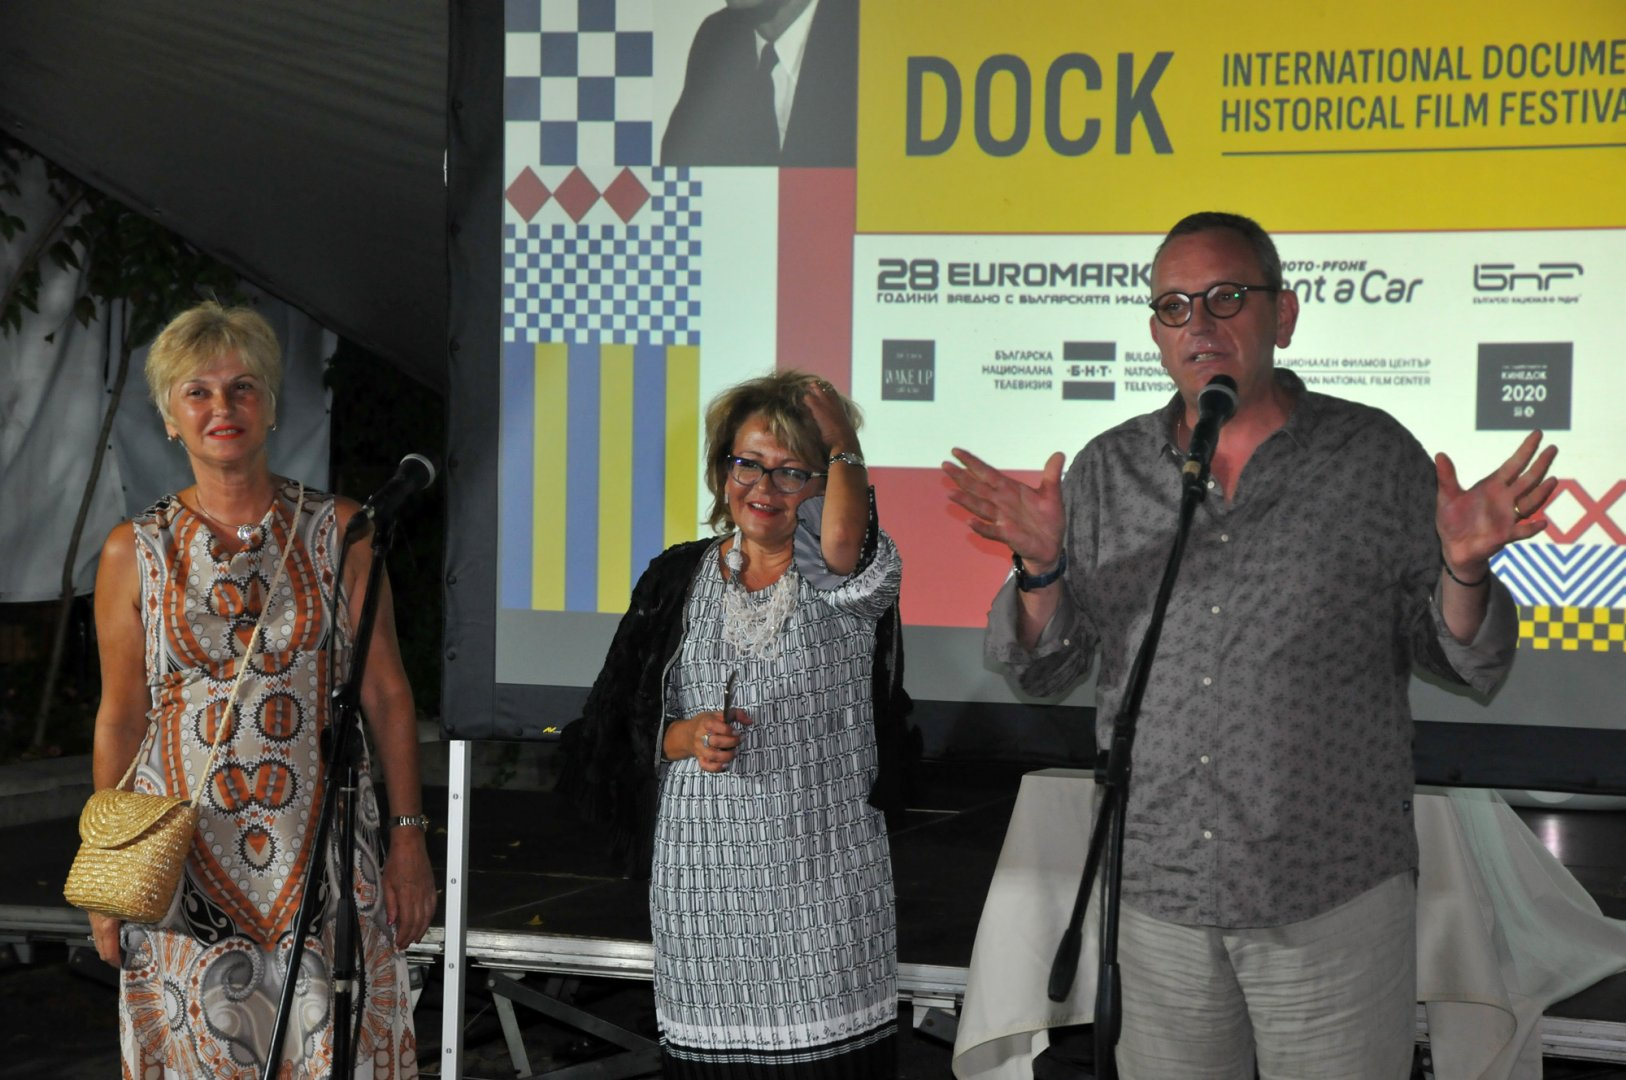 Димитър Стоянович поздрави гостите на откриването на третото издание на фестивала. Снимки Черноморие-бг